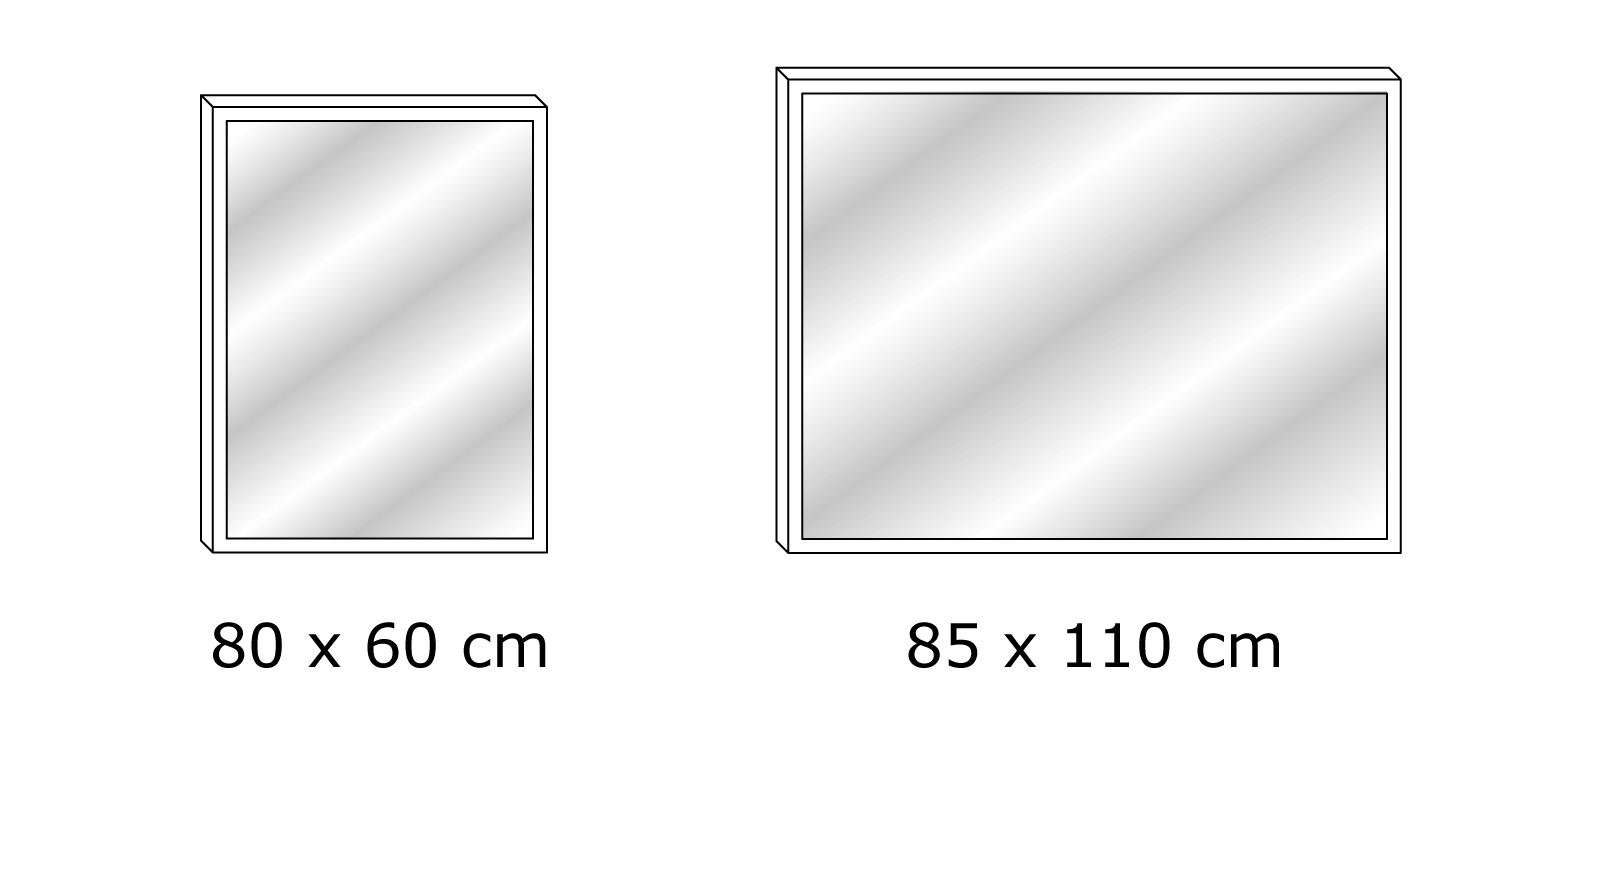 Grafik zu den 2 Varianten des Wandspiegels